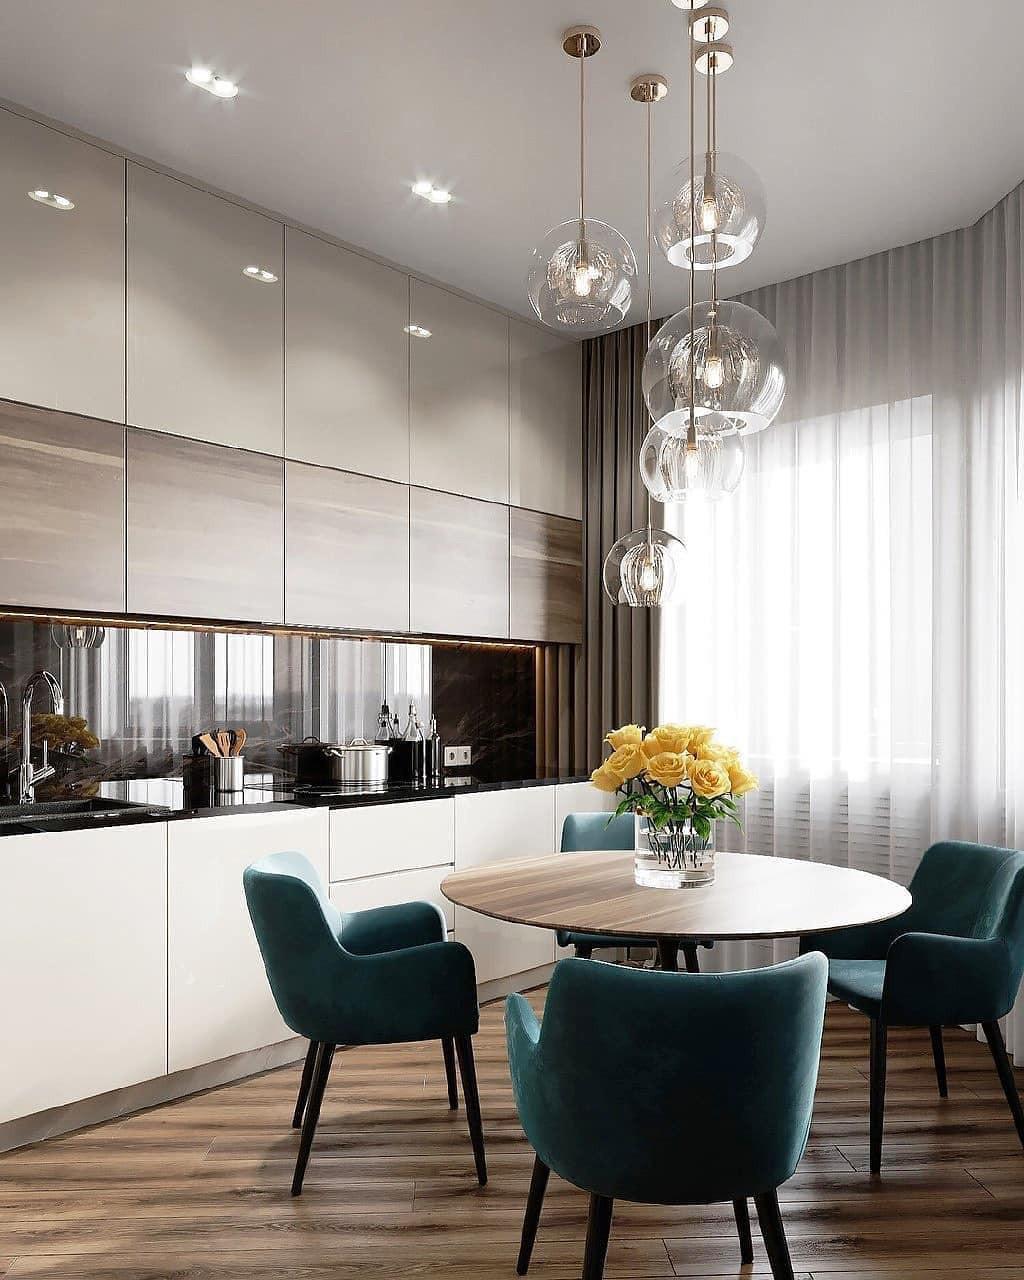 Белая кухня под потолок без ручек с шпоном ореха в стиле минимализм